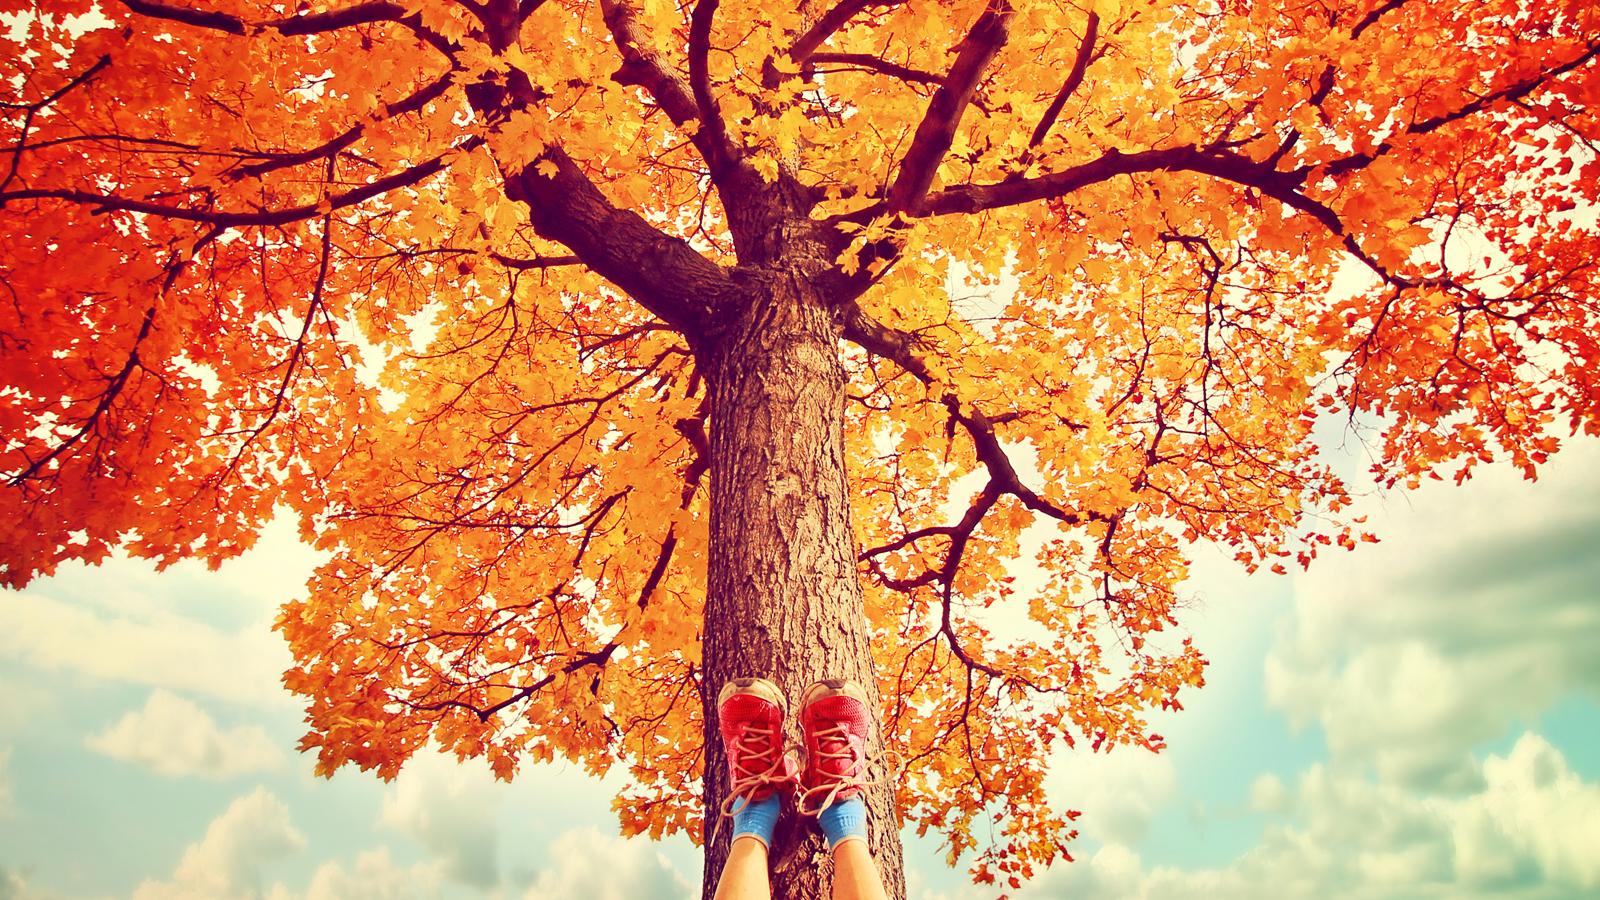 bigstock-feet-resting-on-a-tree-trunk-d-68996359_1600x900